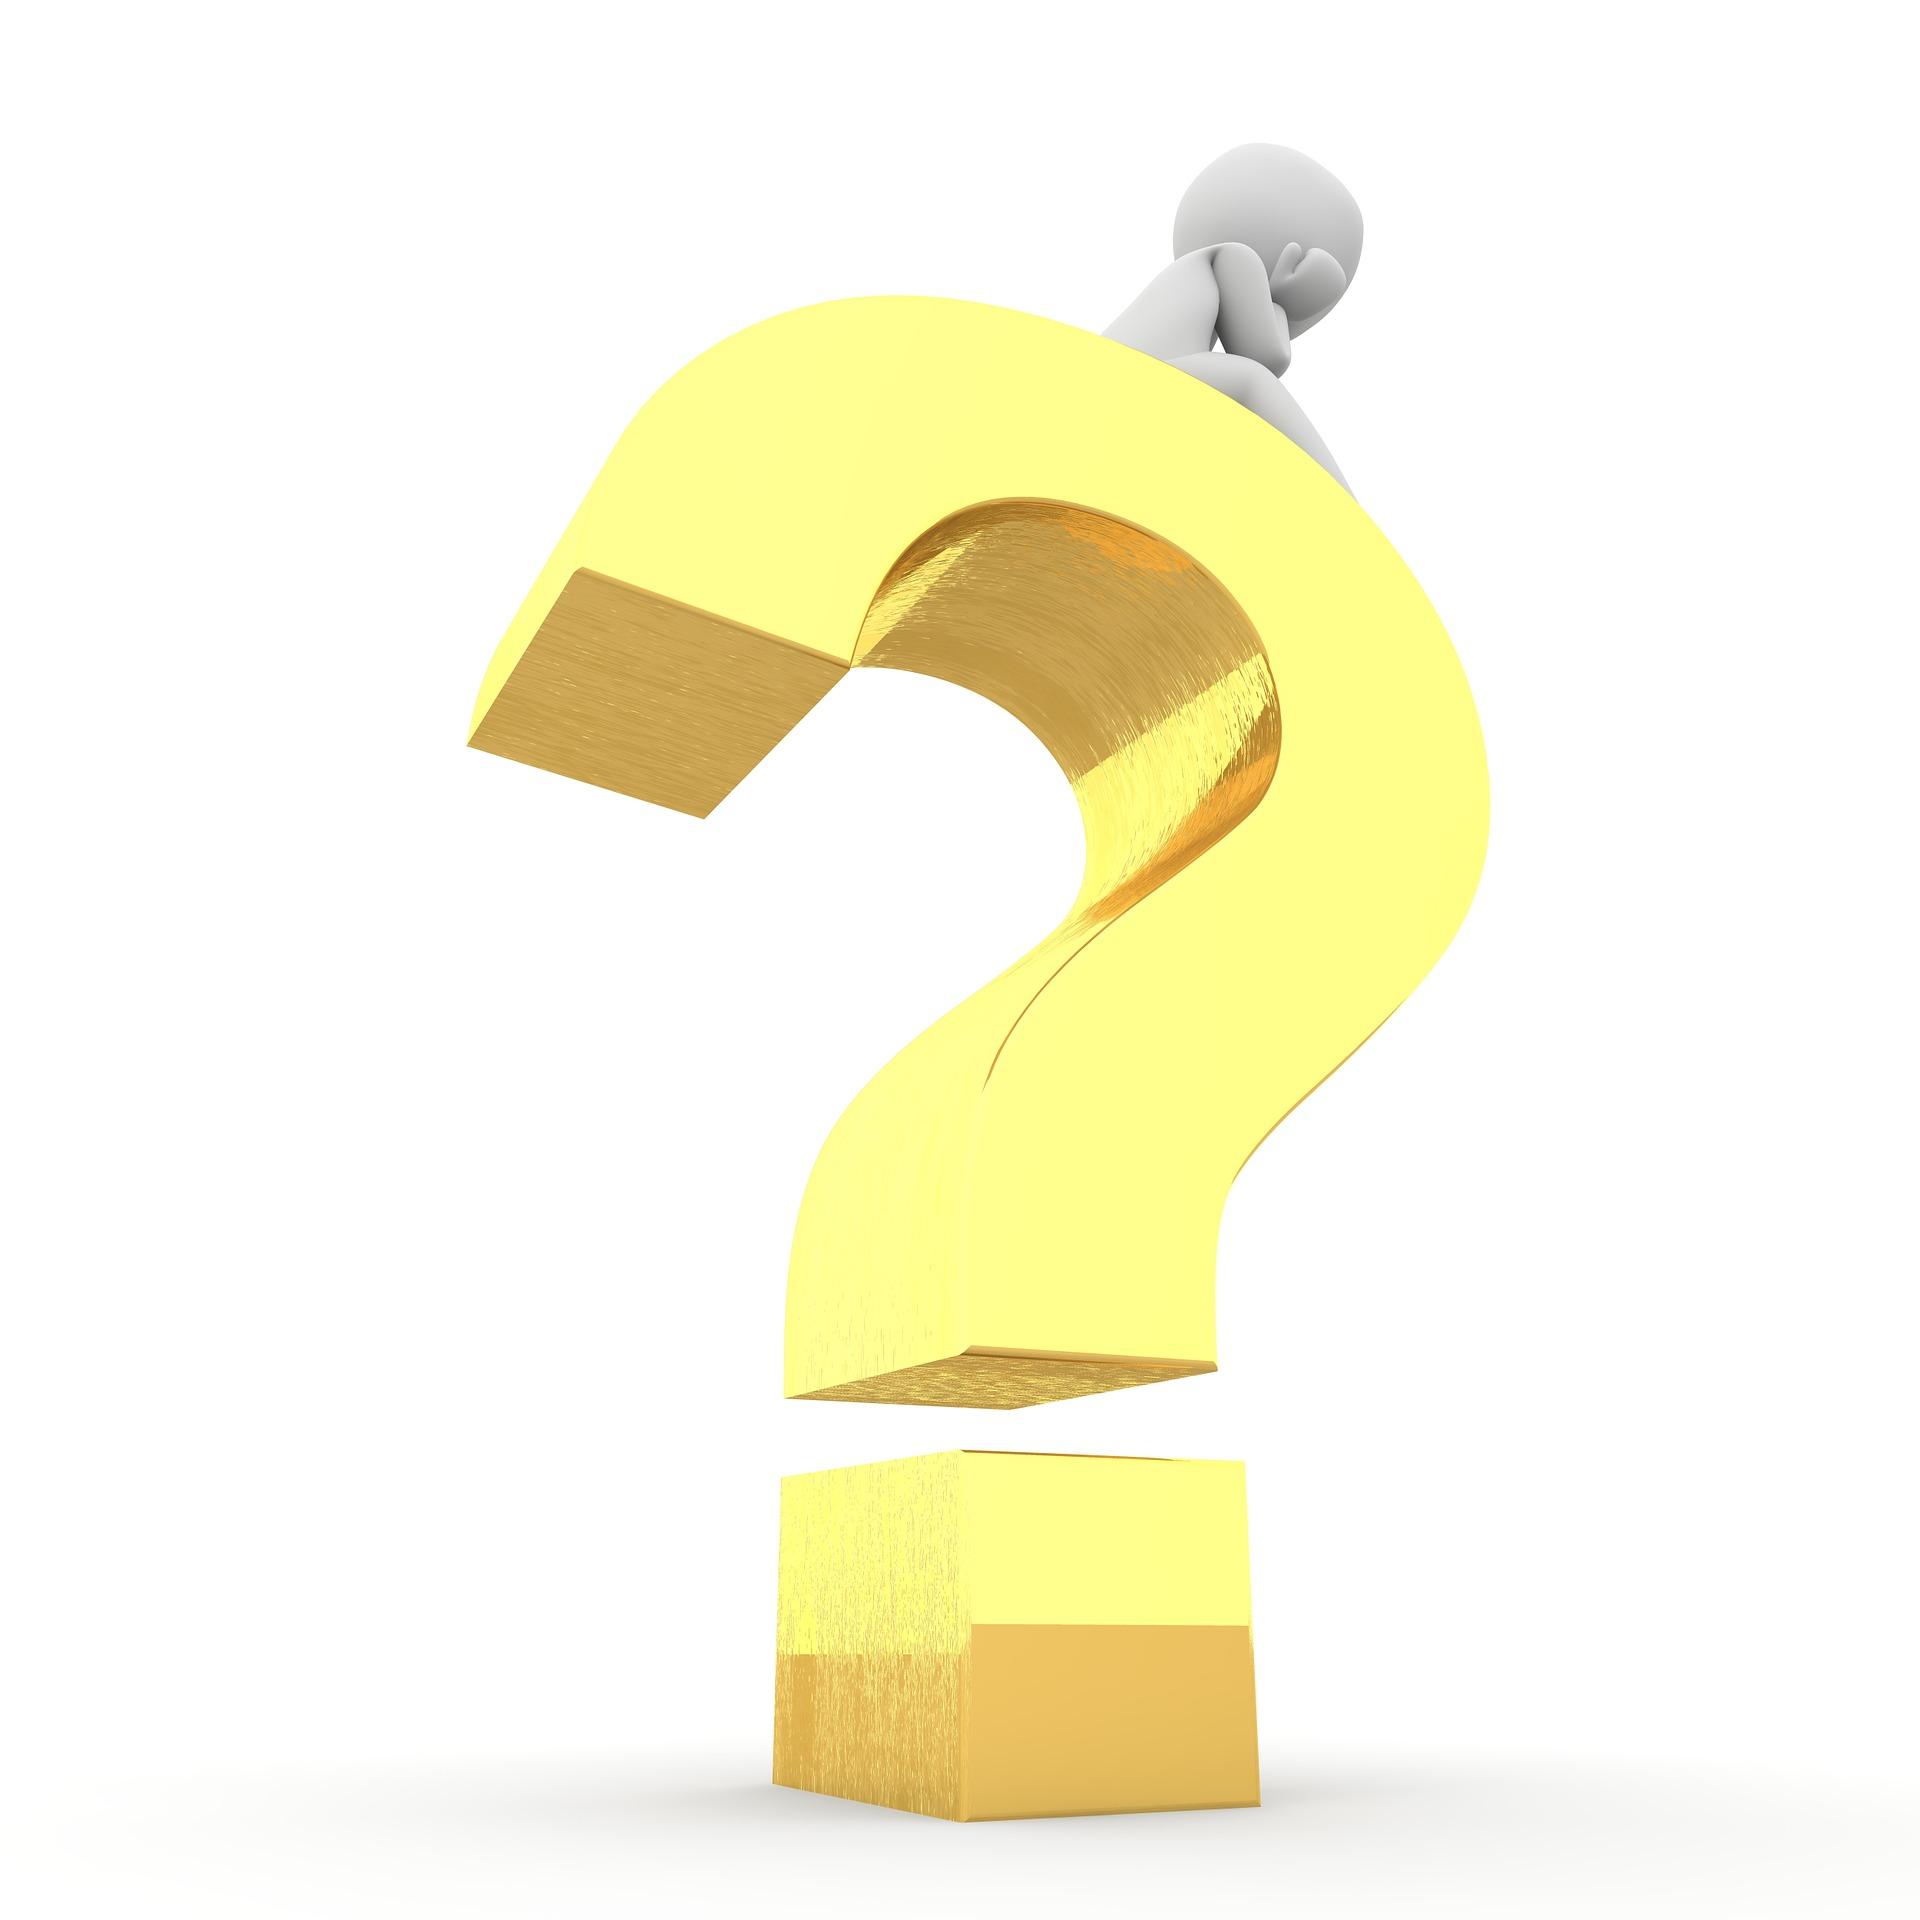 Щодо внесення змін до договору на закупівлю бензину, наприклад, на підставі п. 2 ч. 4 ст. 36 Закону